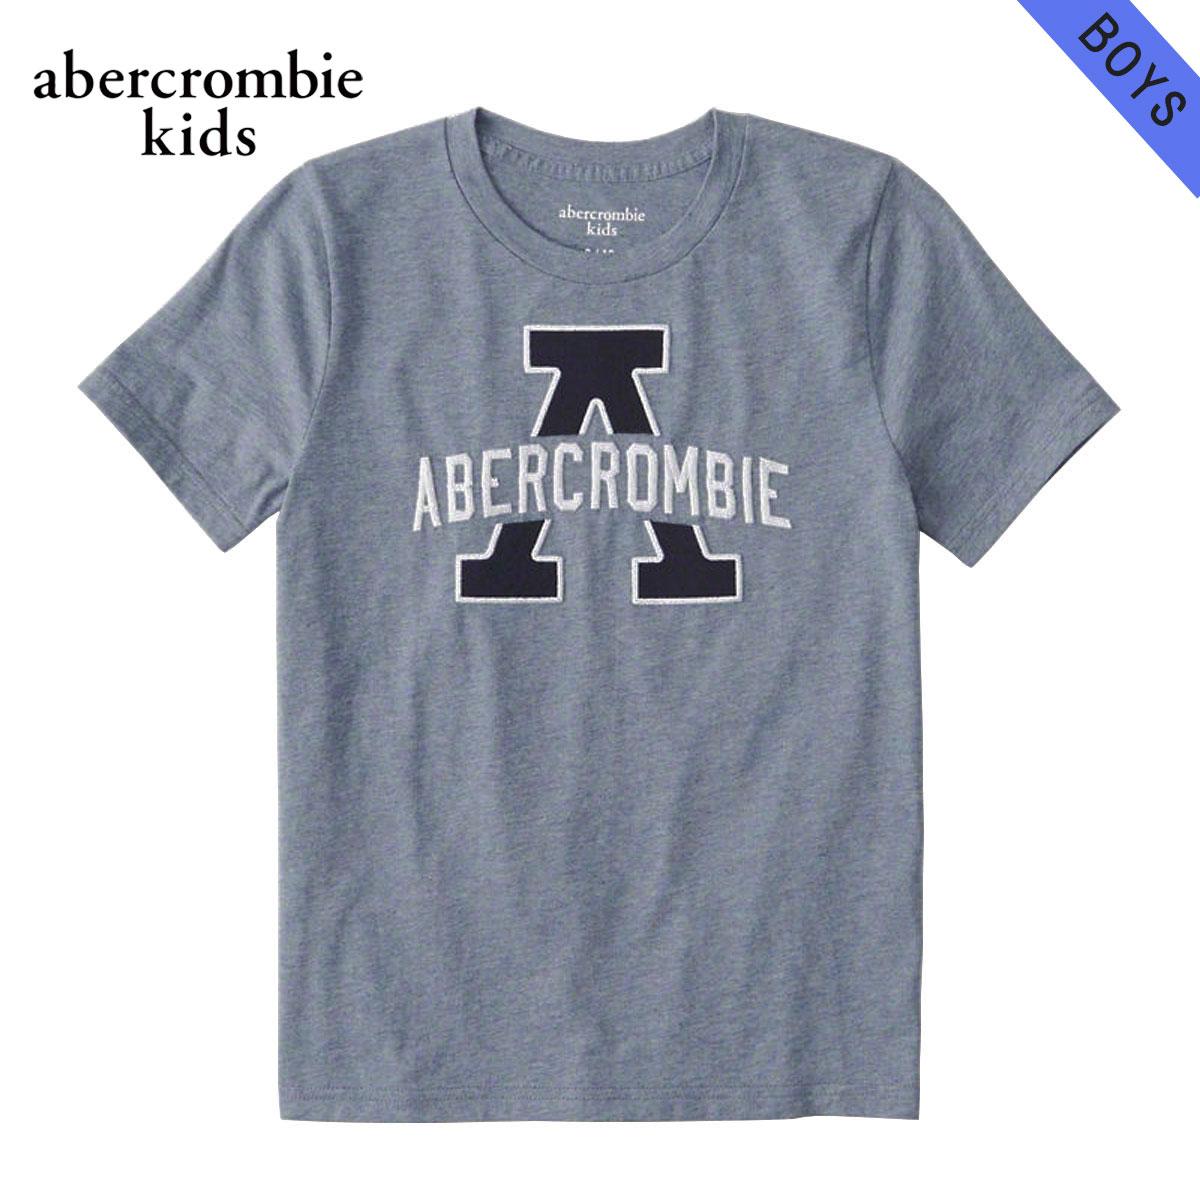 アバクロキッズ AbercrombieKids 正規品 子供服 ボーイズ 半袖Tシャツ logo graphic tee 223-616-0121-024